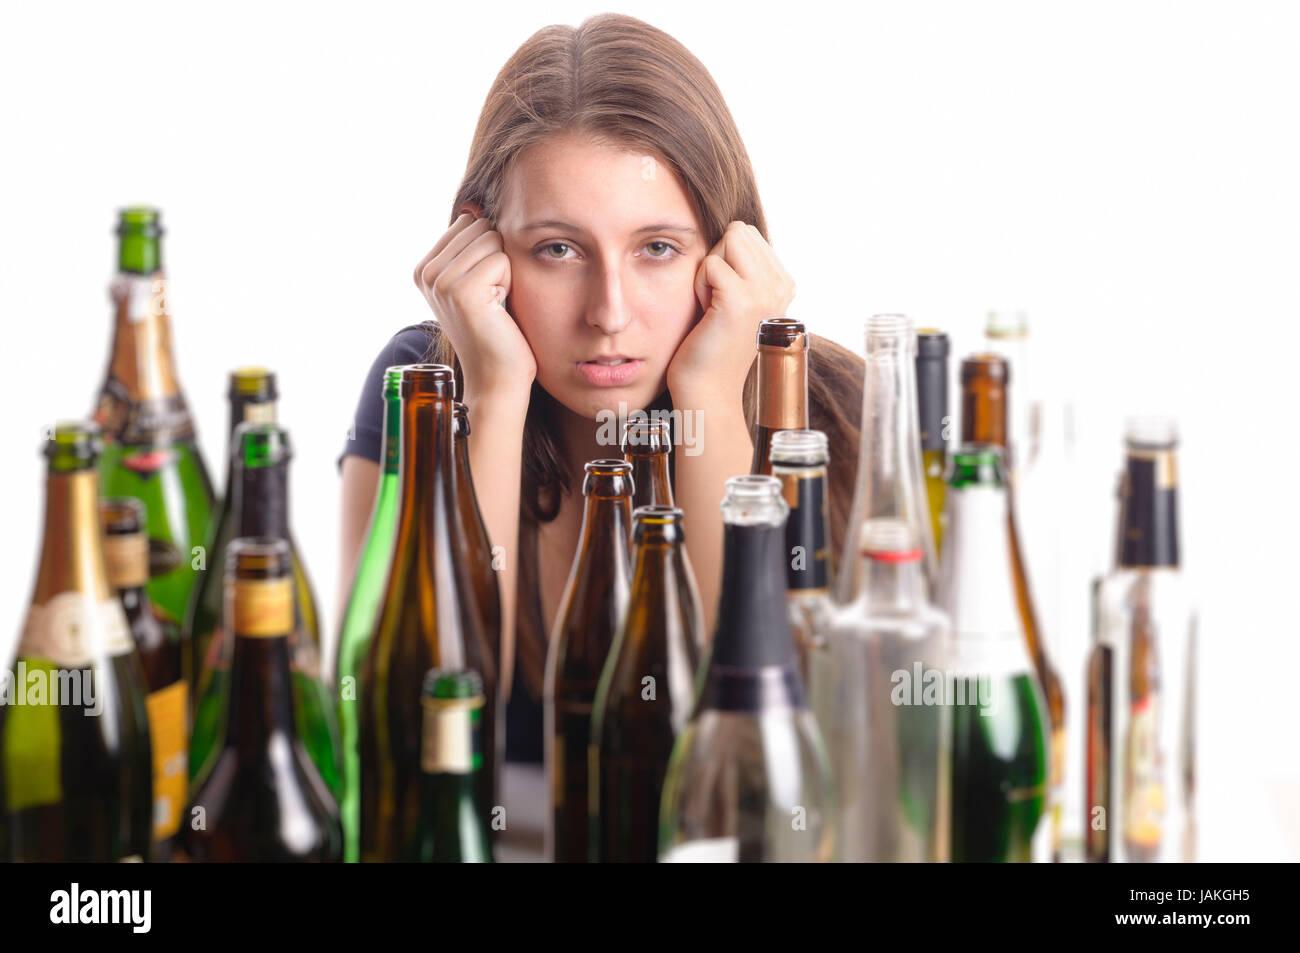 Eine junge Frau mit brünetten langen Haaren sitzt inmitten von leeren Flaschen an einem Tisch und sieht verzweifelt - Stock Image